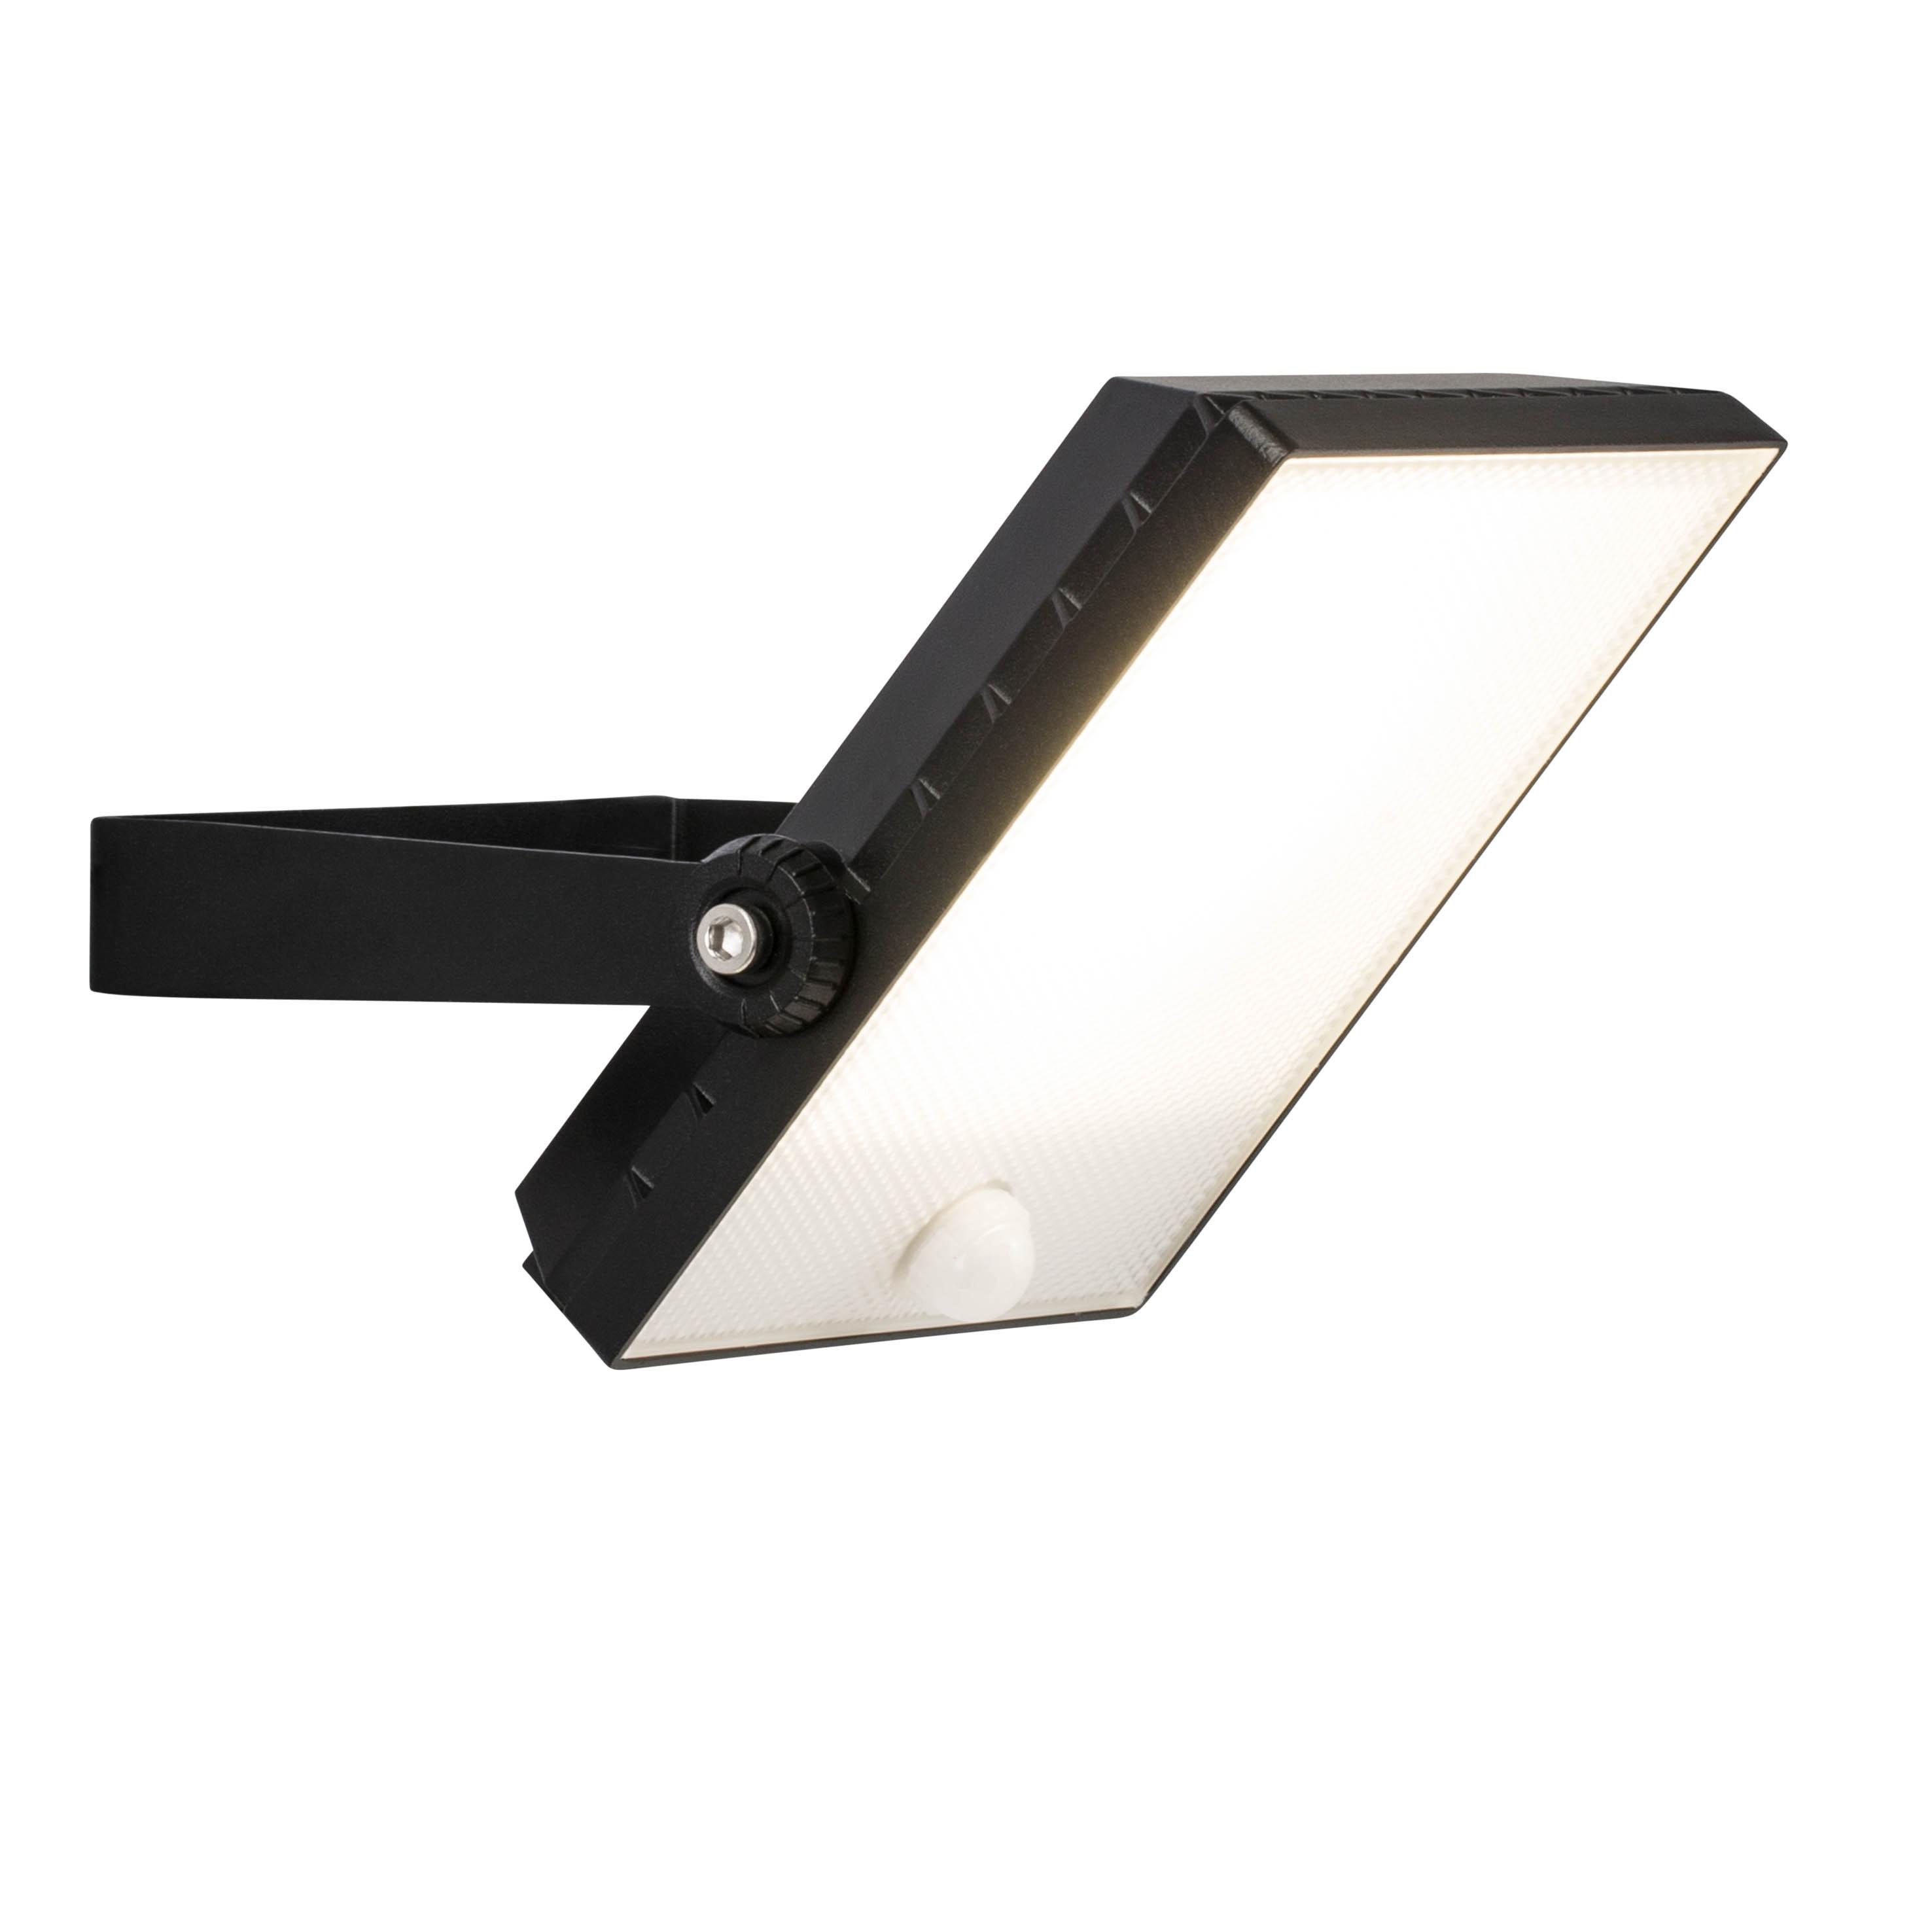 Brilliant Leuchten Dryden LED Außenwandstrahler 22cm Bewegungsmelder schwarz